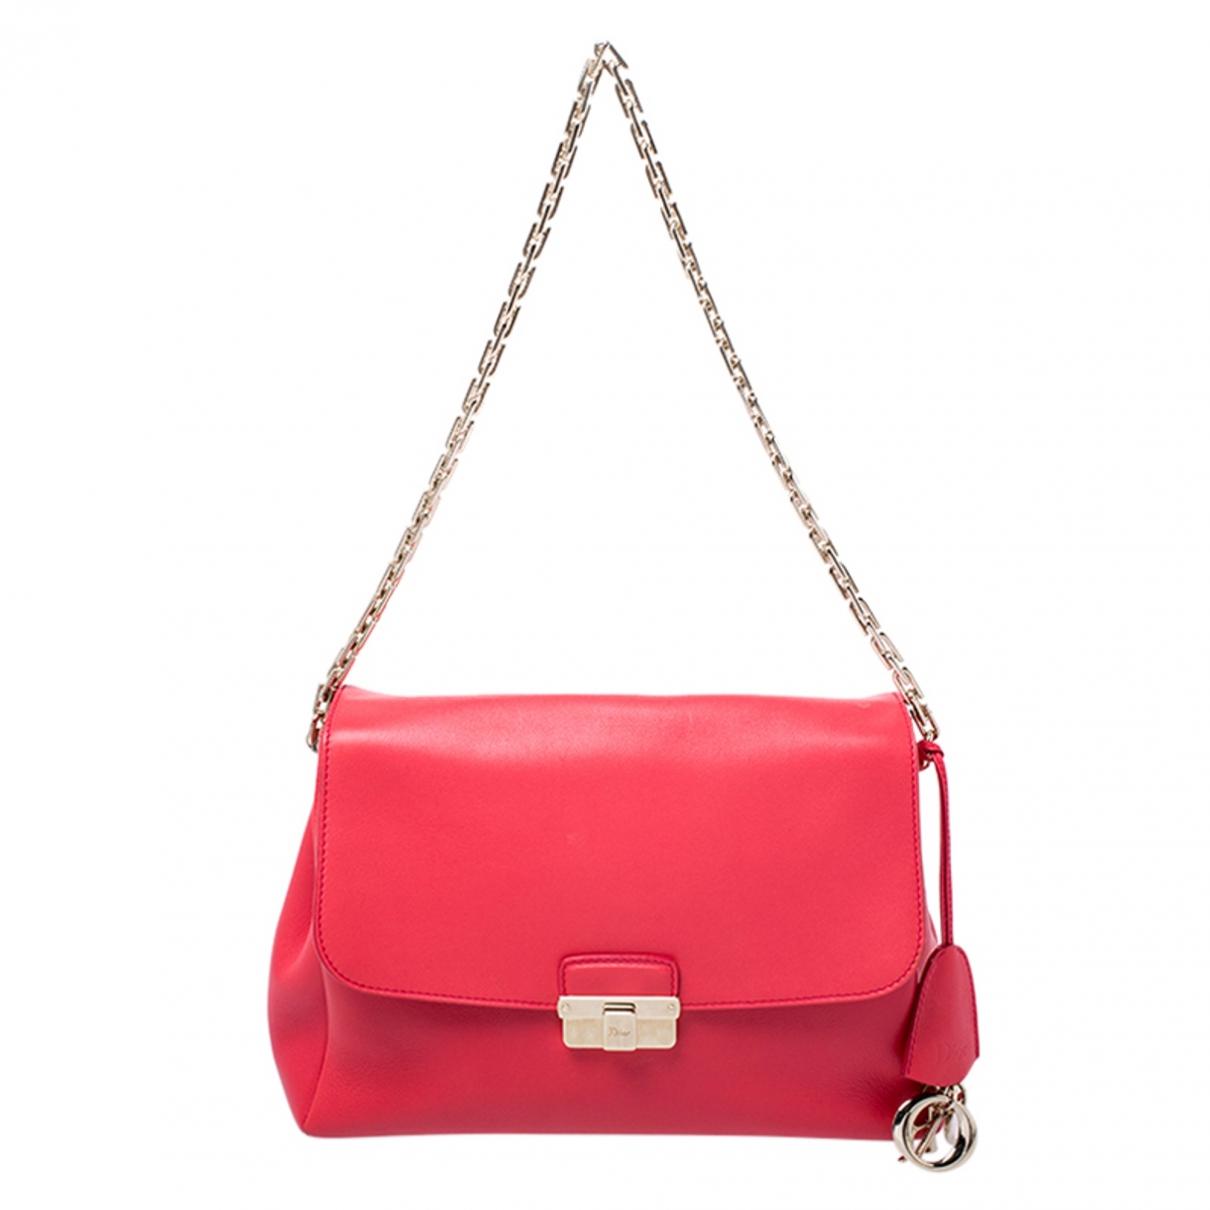 Dior Diorling Handtasche in  Rot Leder